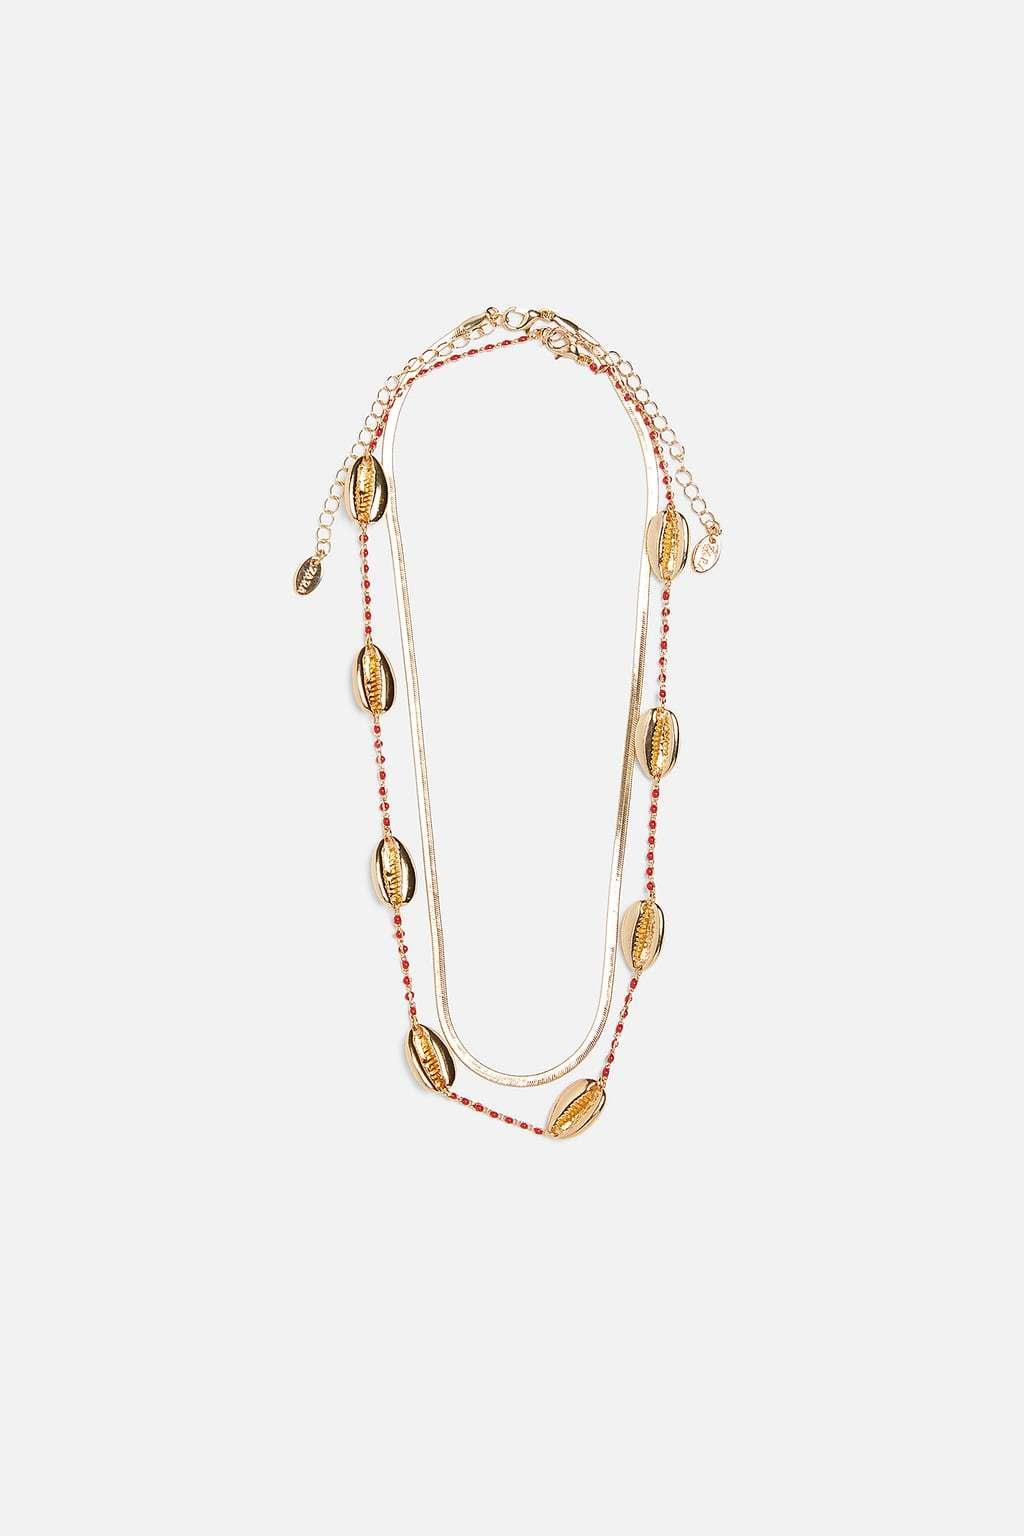 Collares de conchas, Zara (15,95 euros).